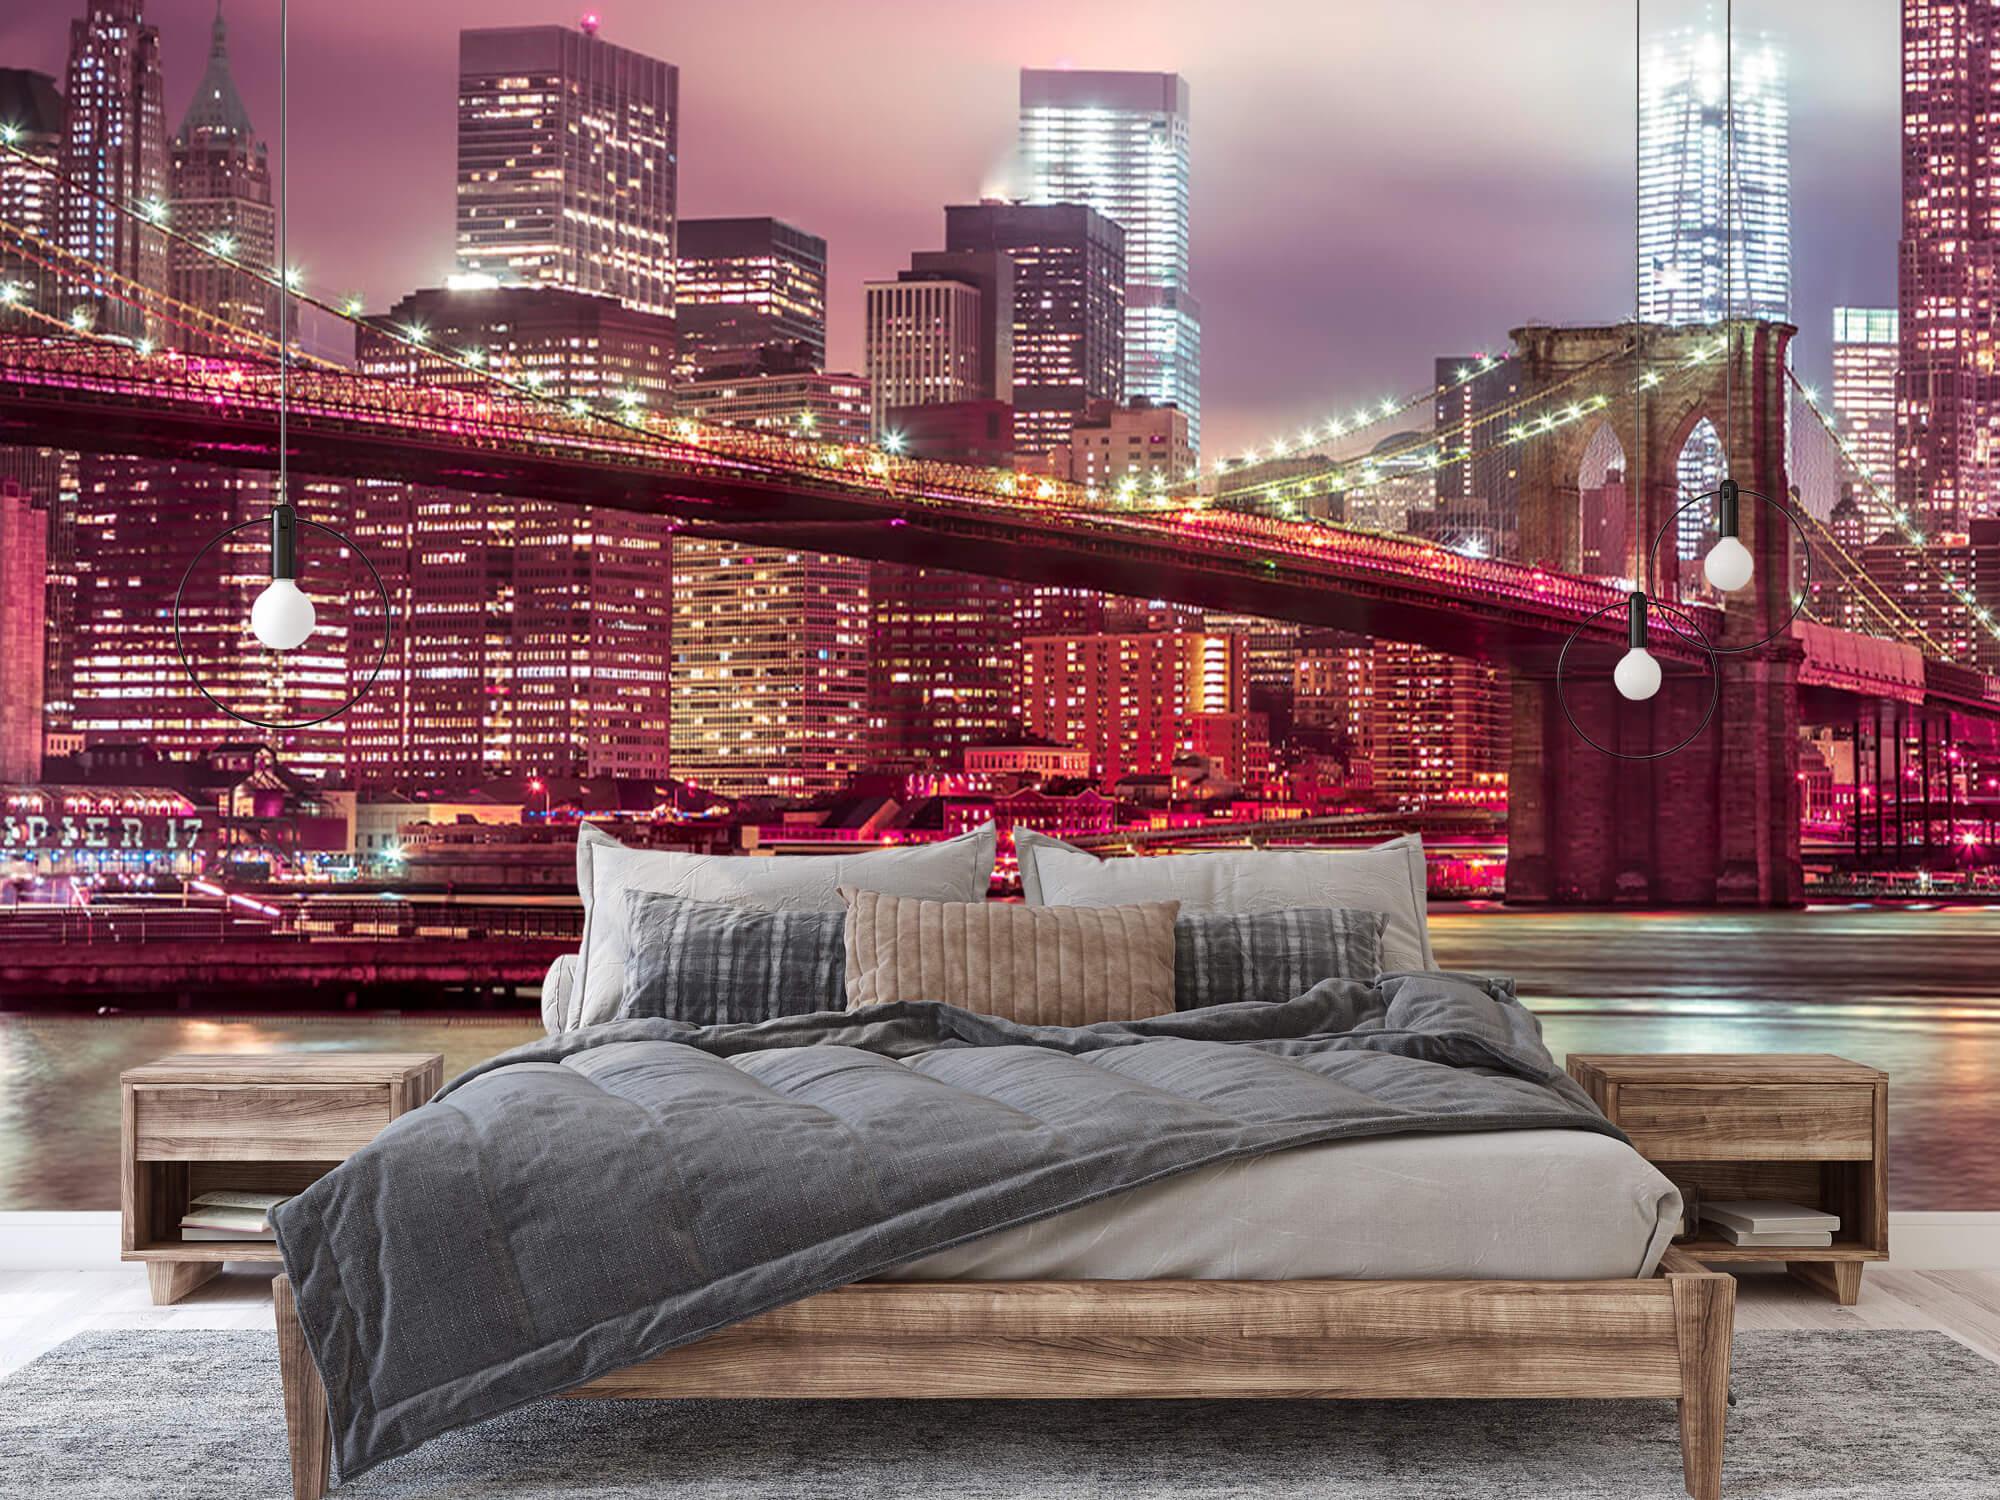 Kväll på Manhattan 1